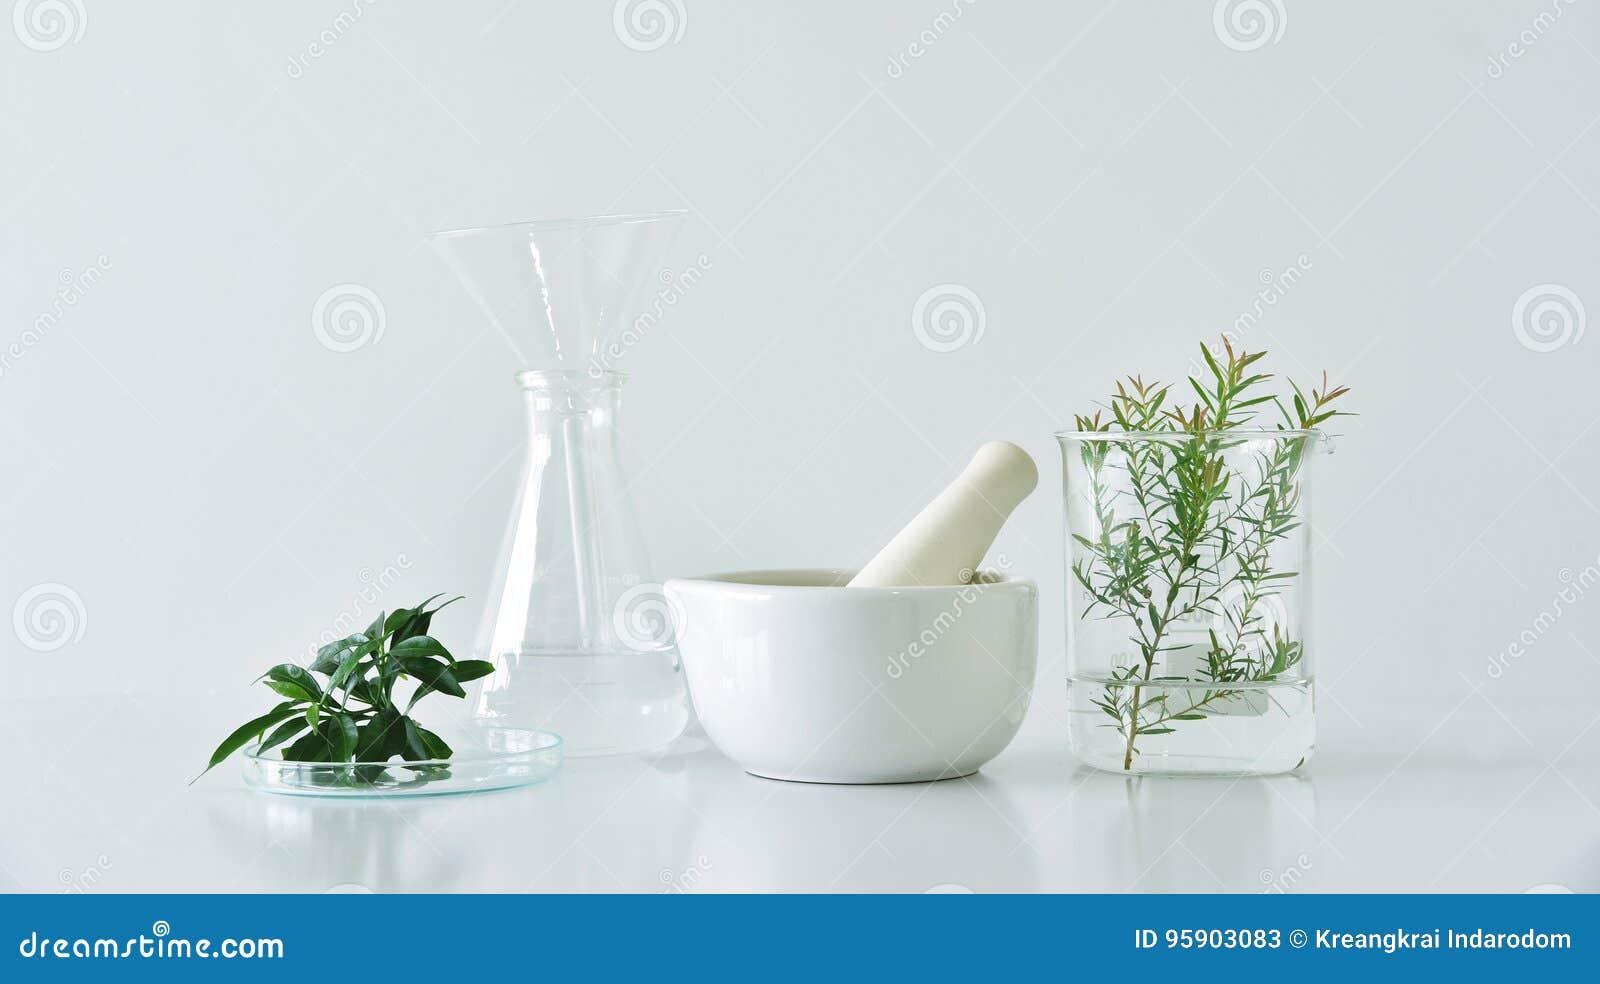 Естественная органическая ботаника и научное стеклоизделие, альтернативная медицина травы, естественные продукты красоты заботы к